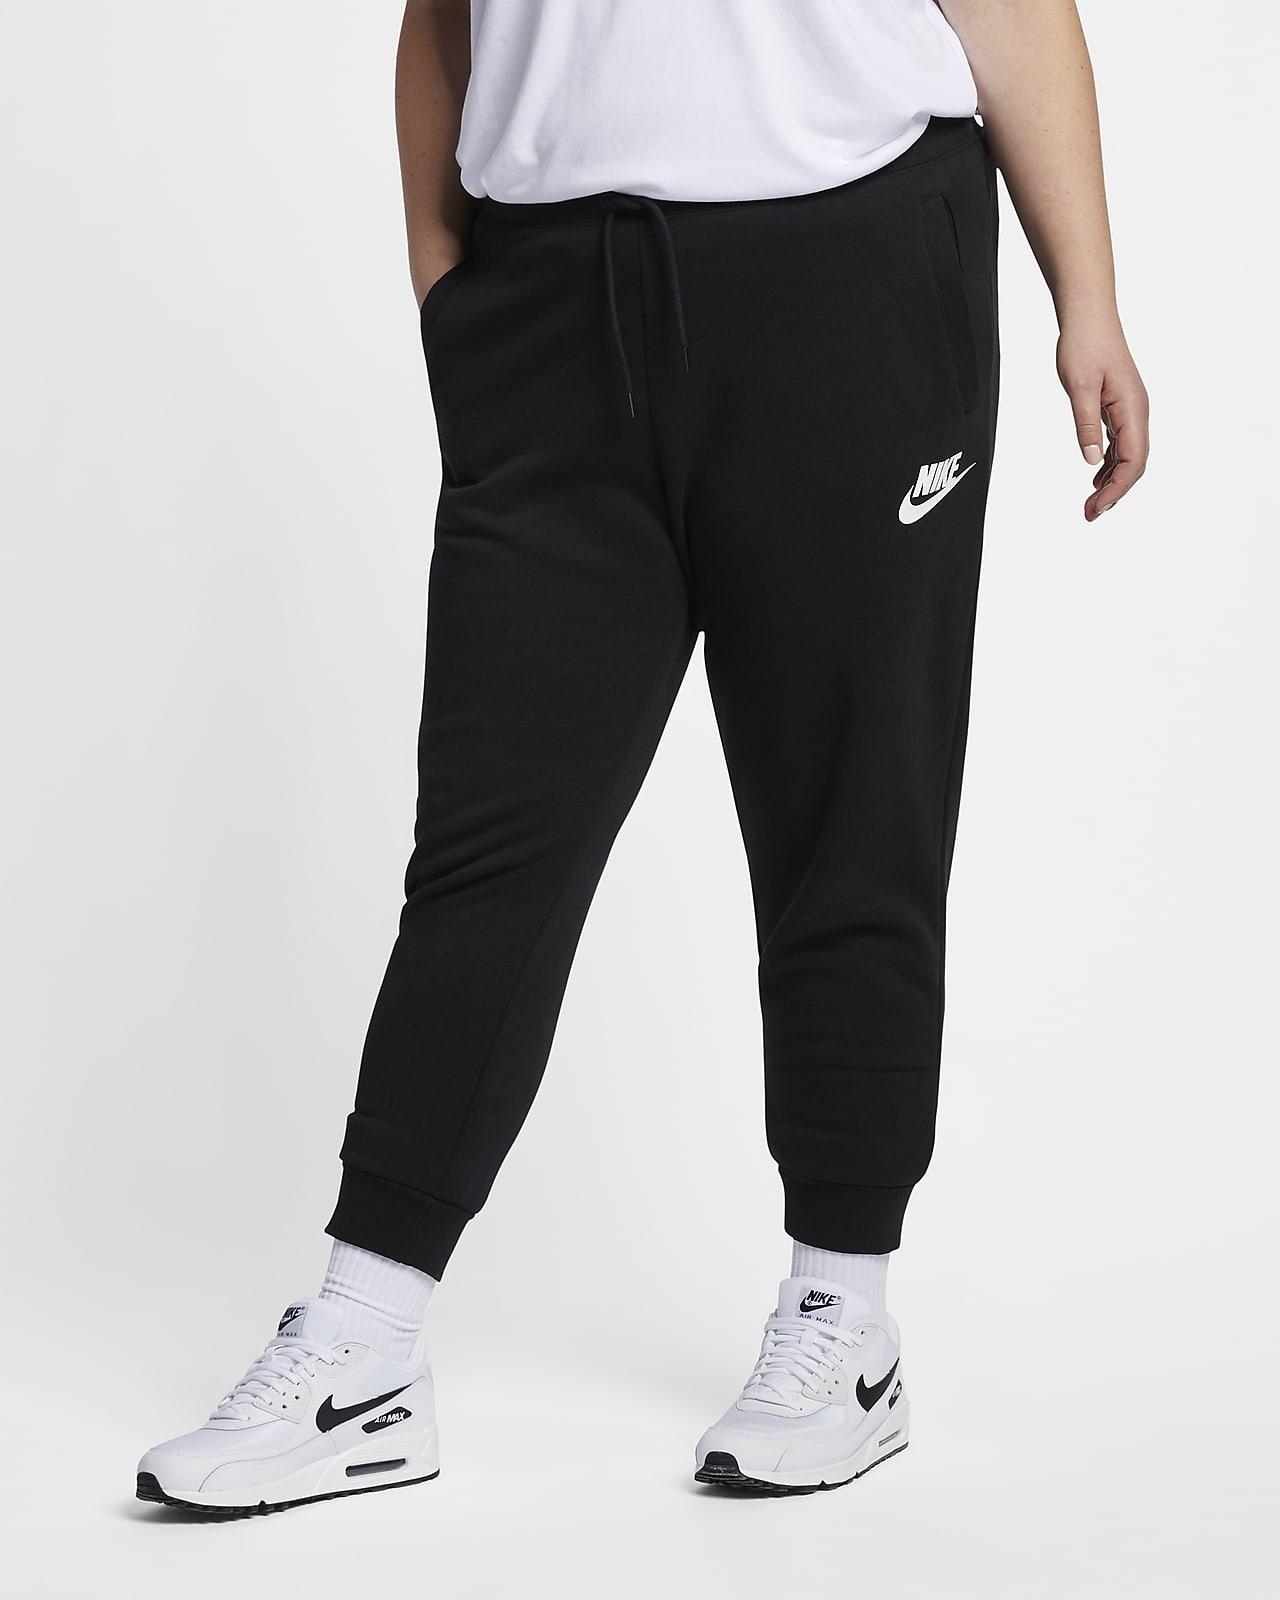 Nike Sportswear Rally Women's Trousers (Plus size)